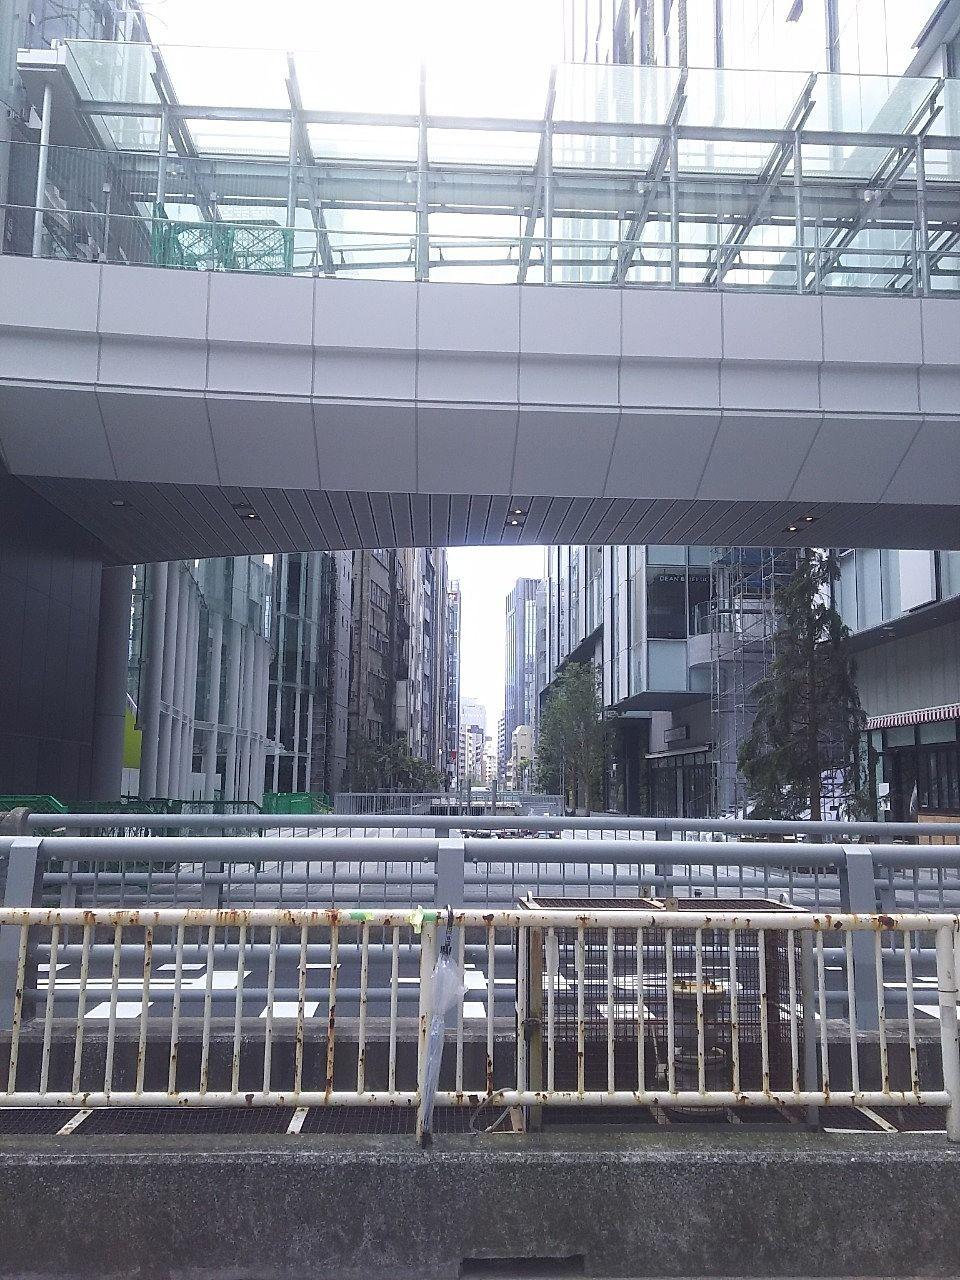 渋谷川上の橋から撮影